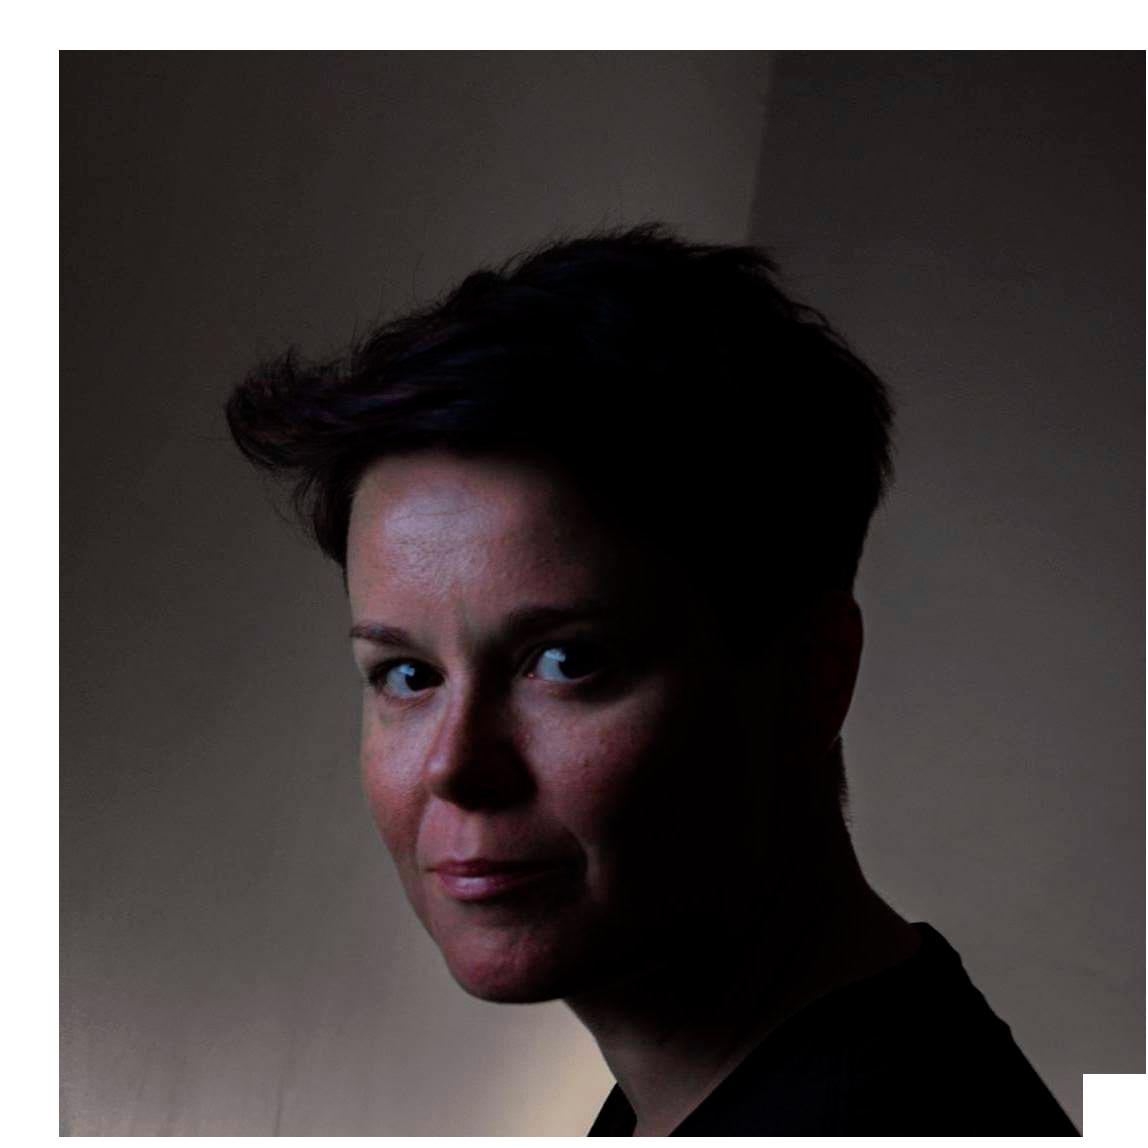 Minna-Maaria Åberg